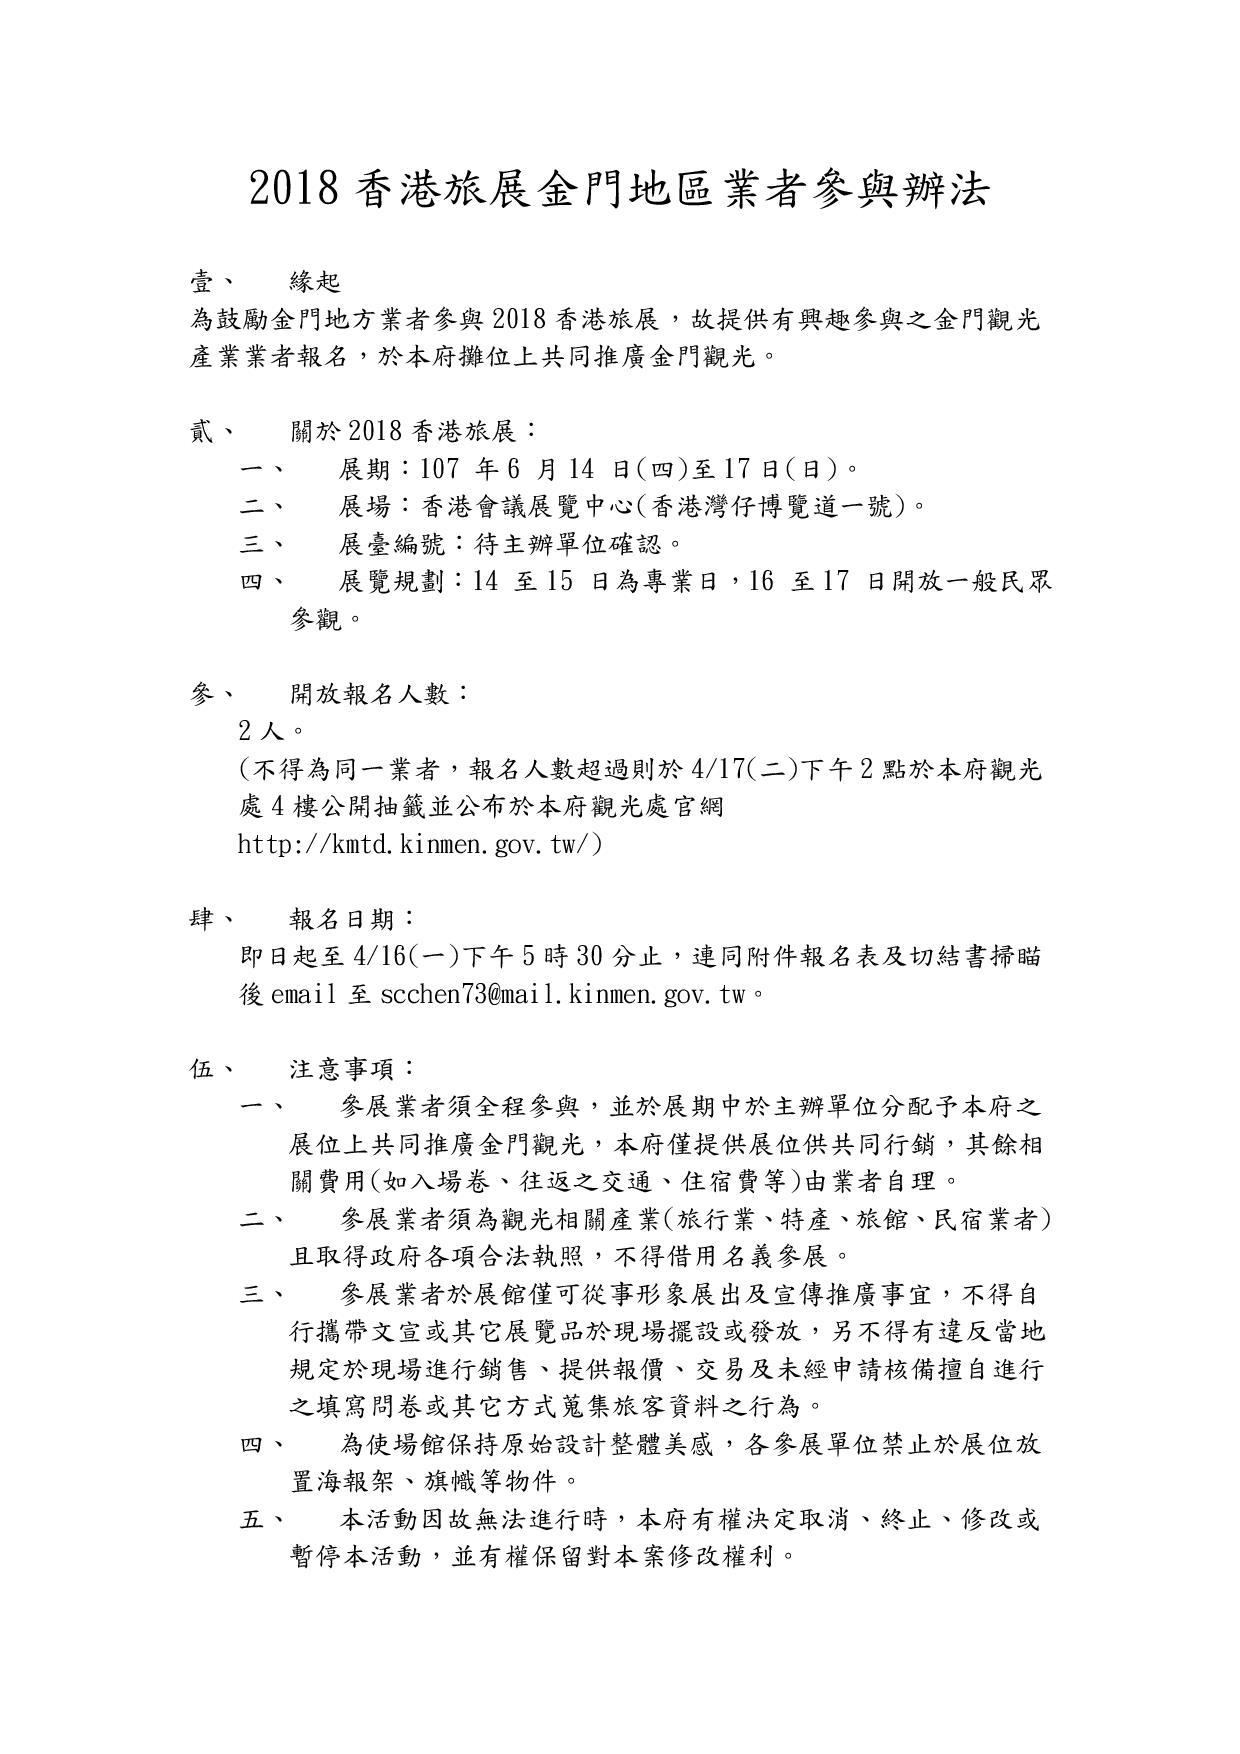 2018香港旅展金門地區業者參加辦法